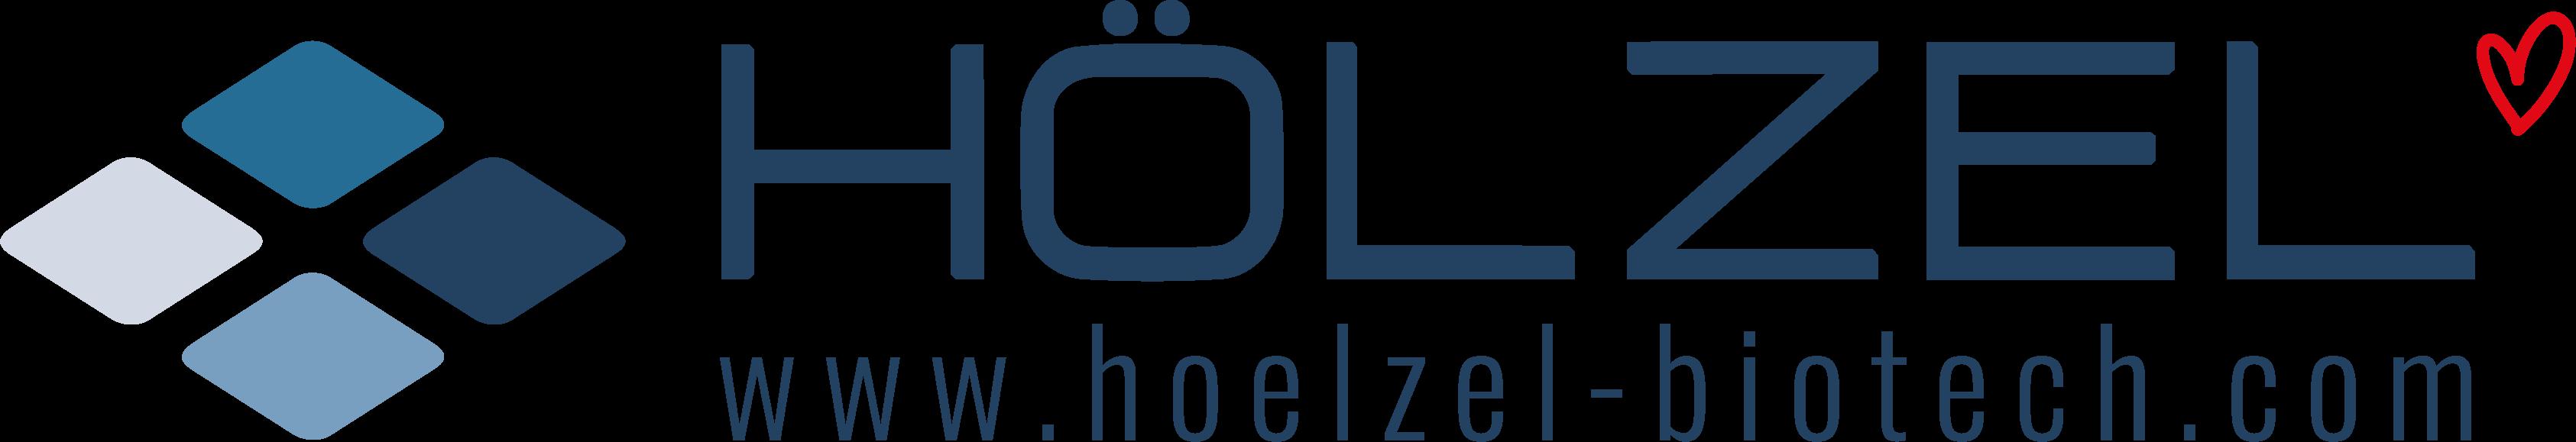 Holzel Diagnositika